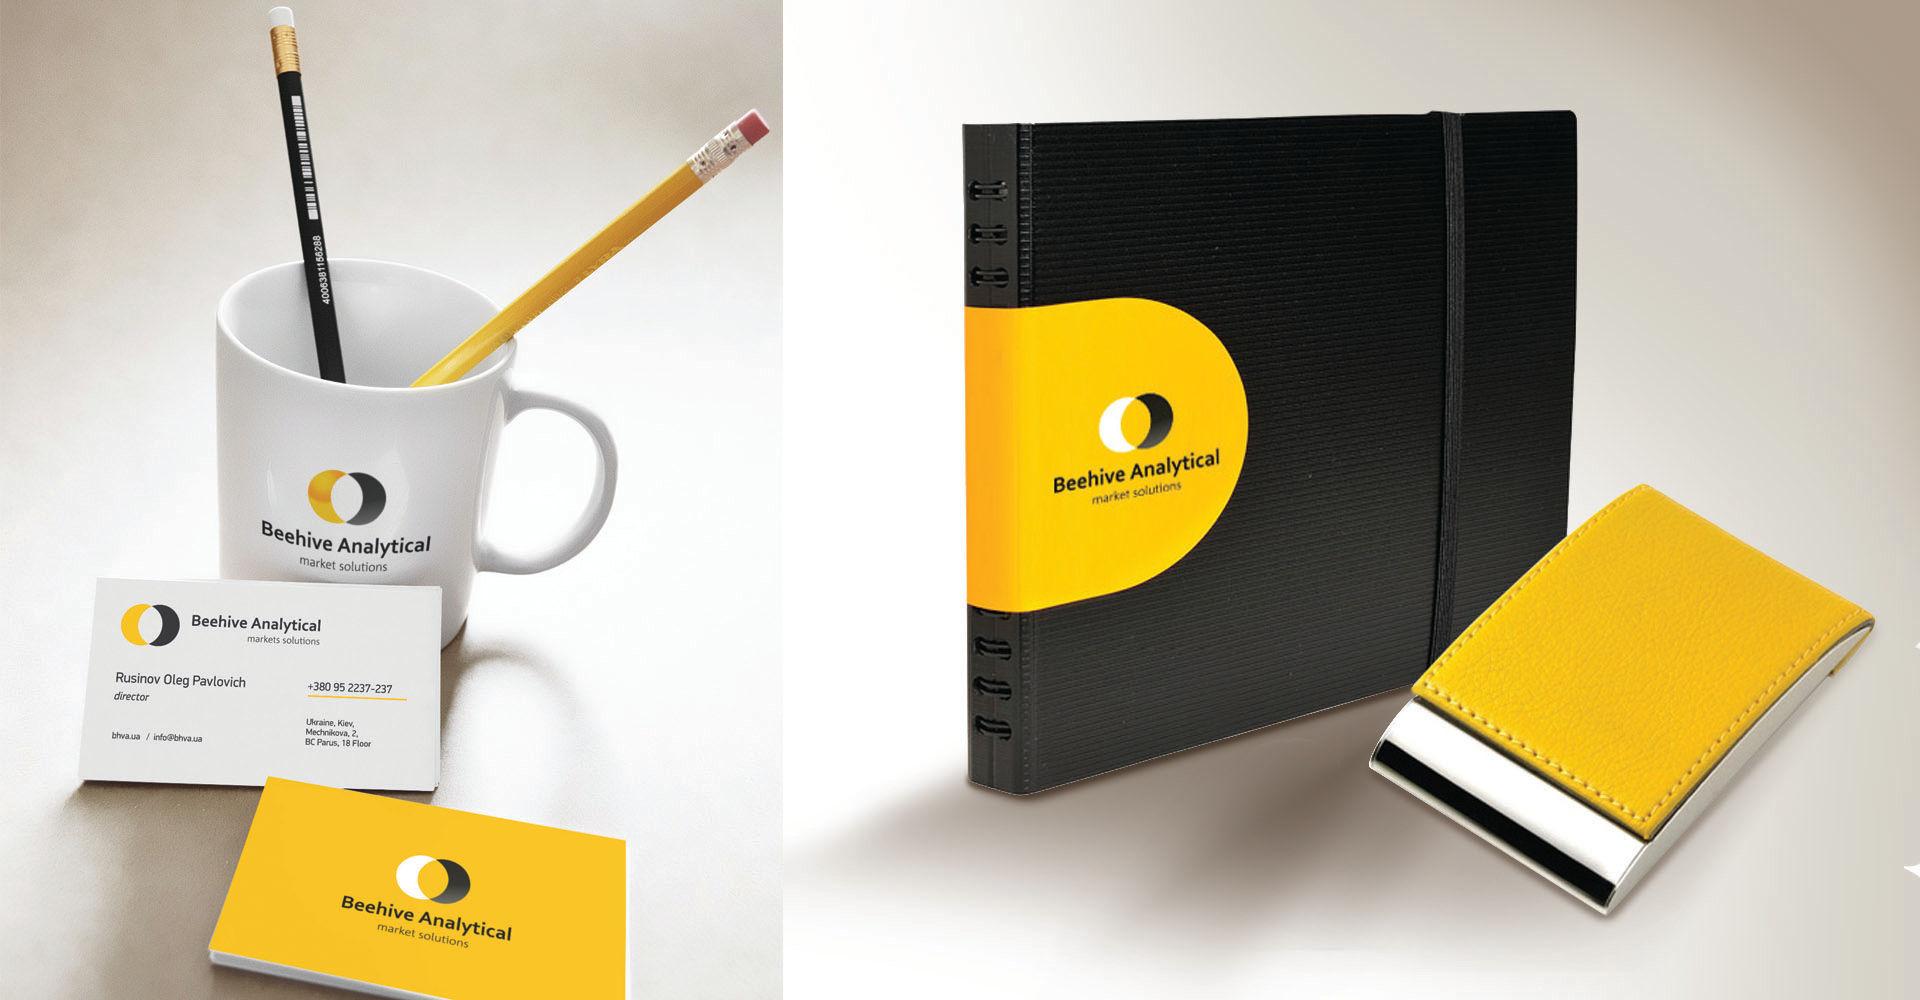 Разработка логотипа финансовой компании, Finance company logo development